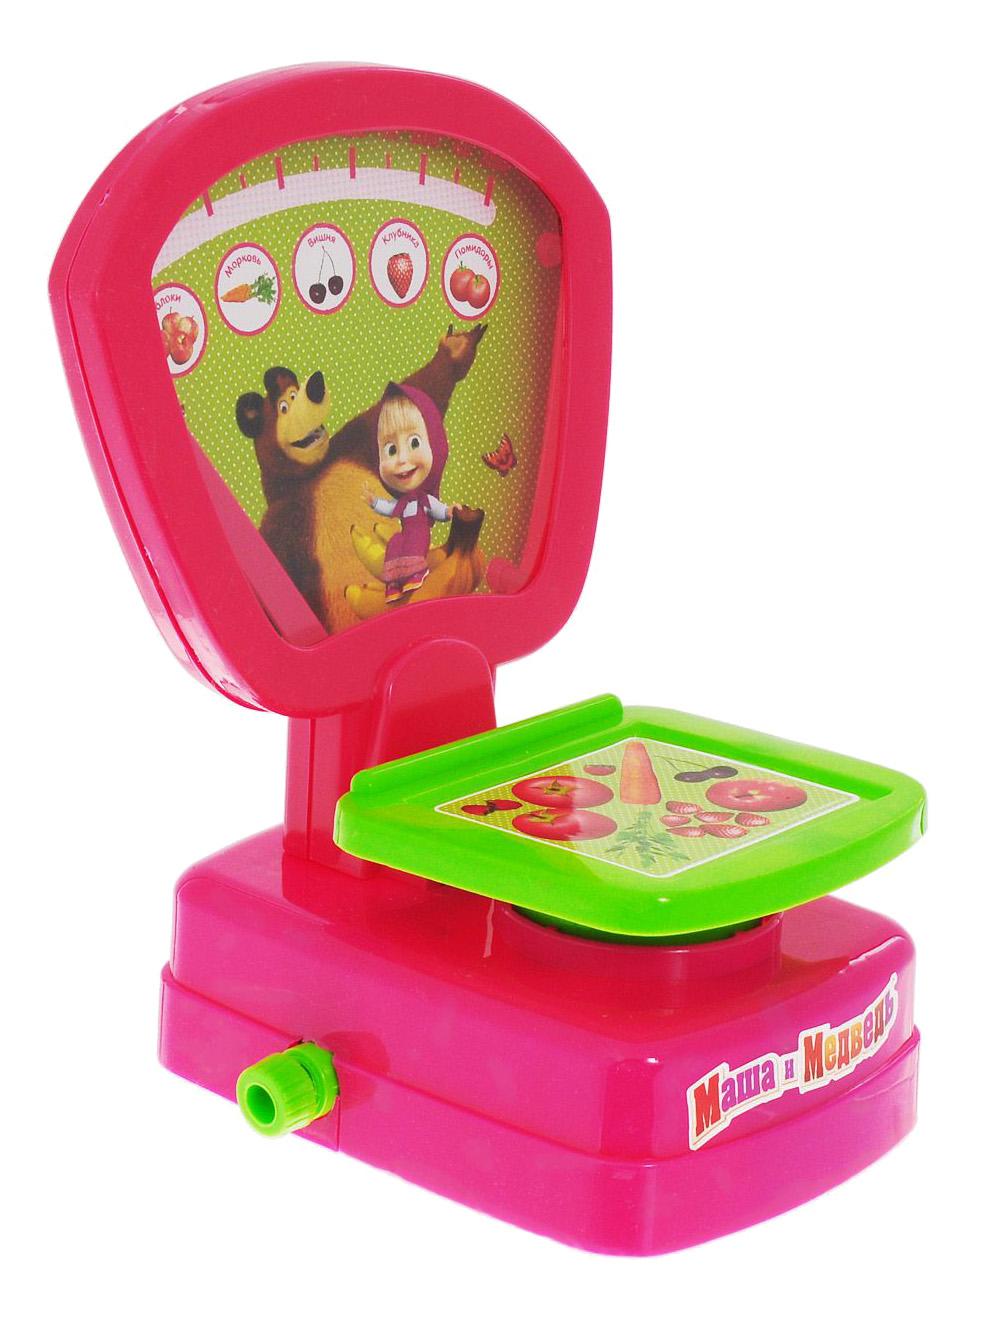 Купить Маша и Медведь, Игрушка для кухни весы Маша и медведь Играем Вместе B88306-R,